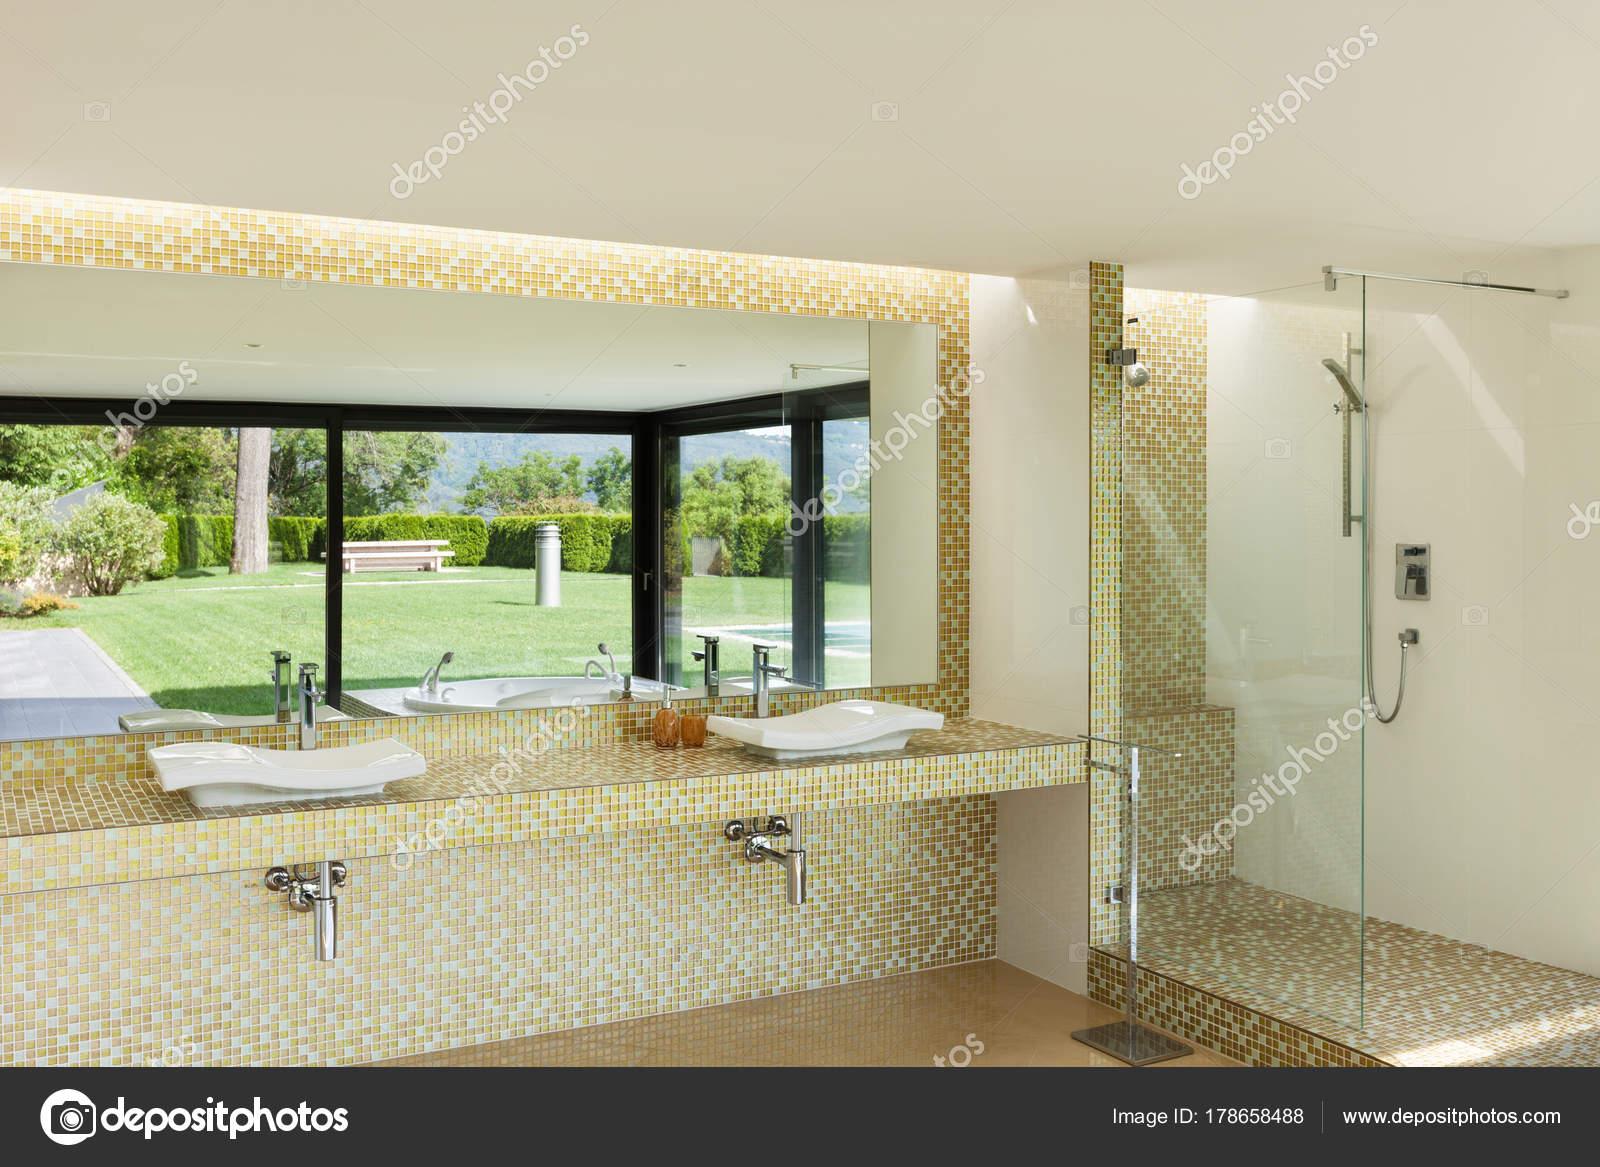 Schönes Badezimmer anzeigen — Stockfoto © Zveiger #178658488